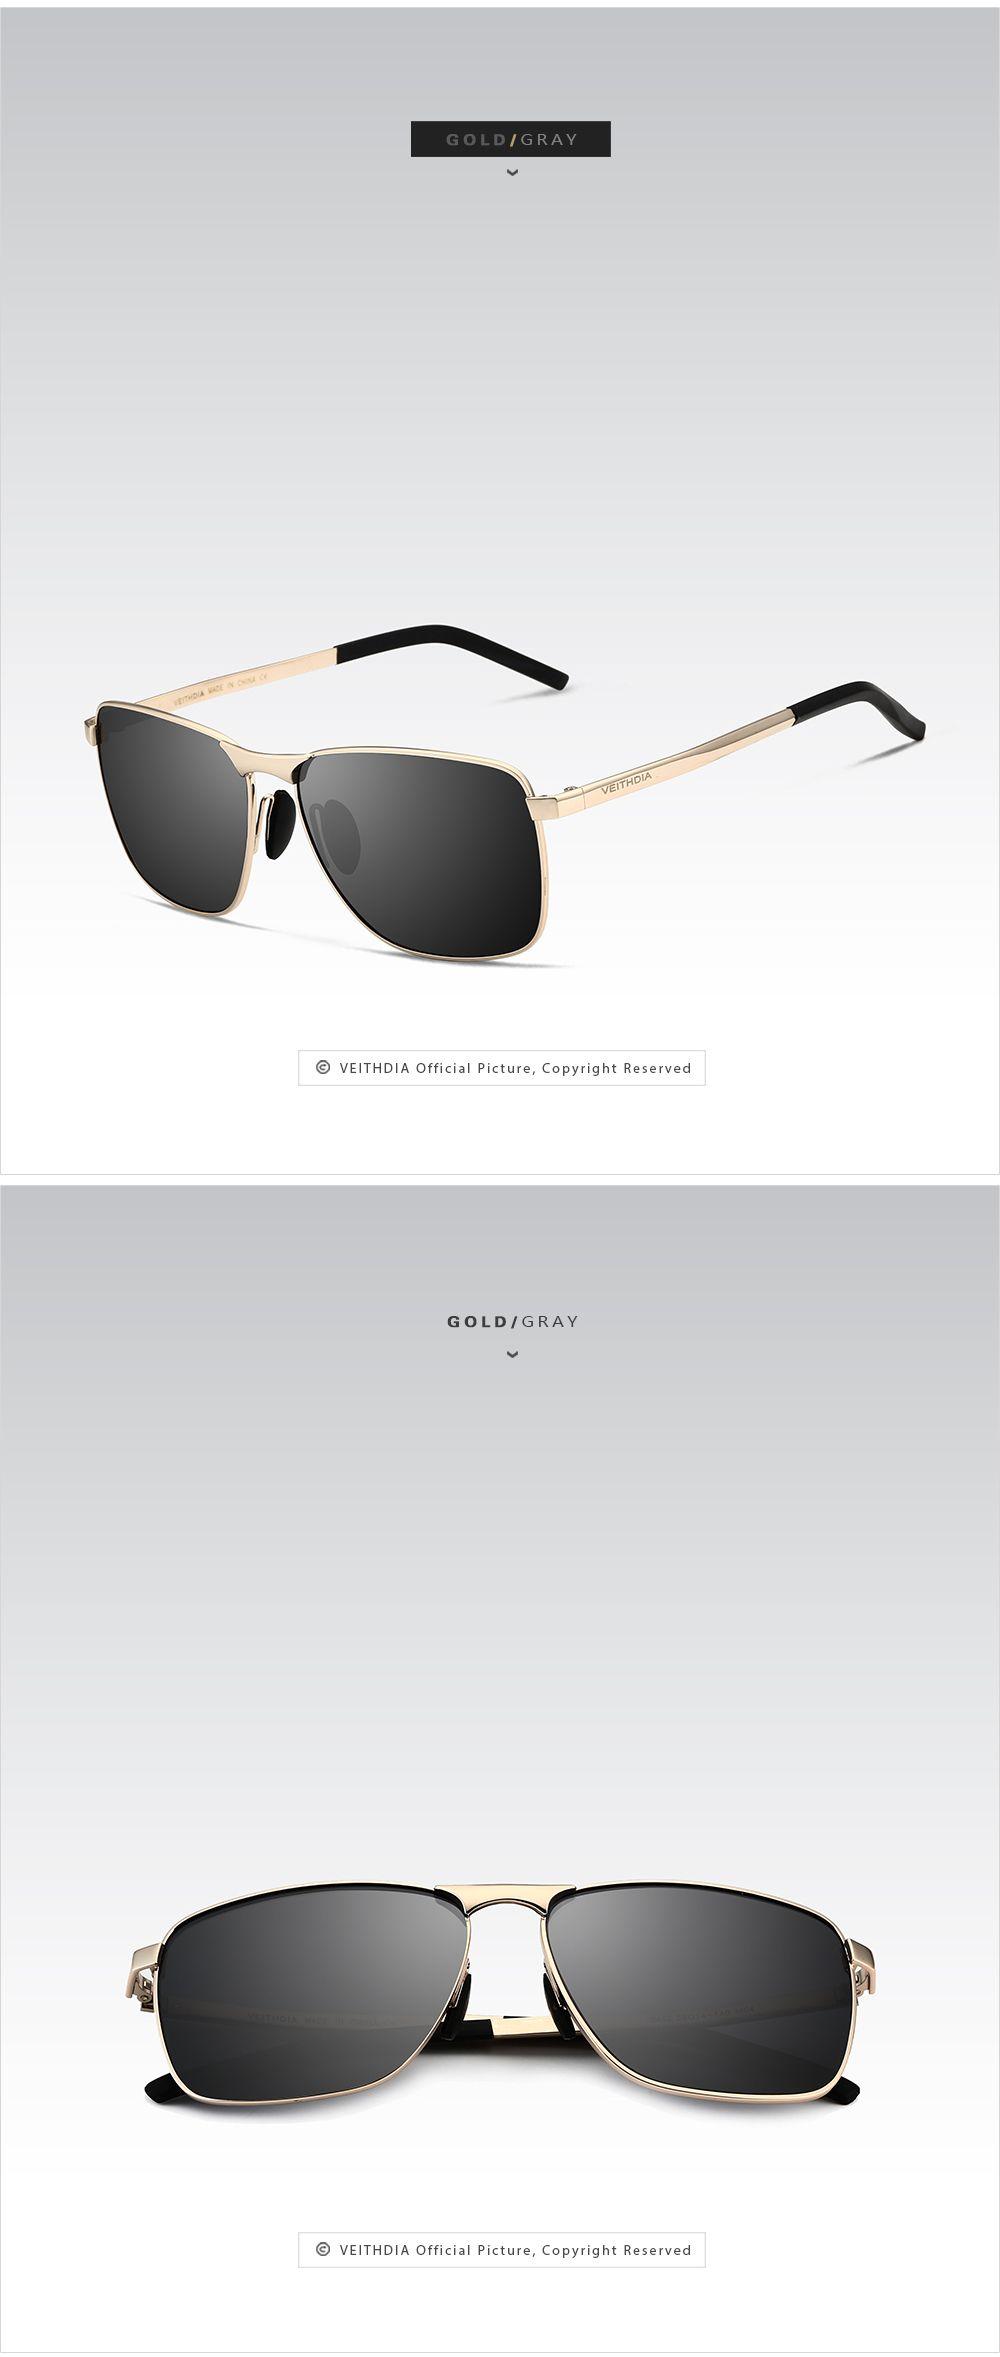 f750f58718 VEITHDIA Brand Men s Vintage Square Sunglasses Polarized UV400 Lens Eyewear  Accessories Male Sun Glasses For Men Women V2462